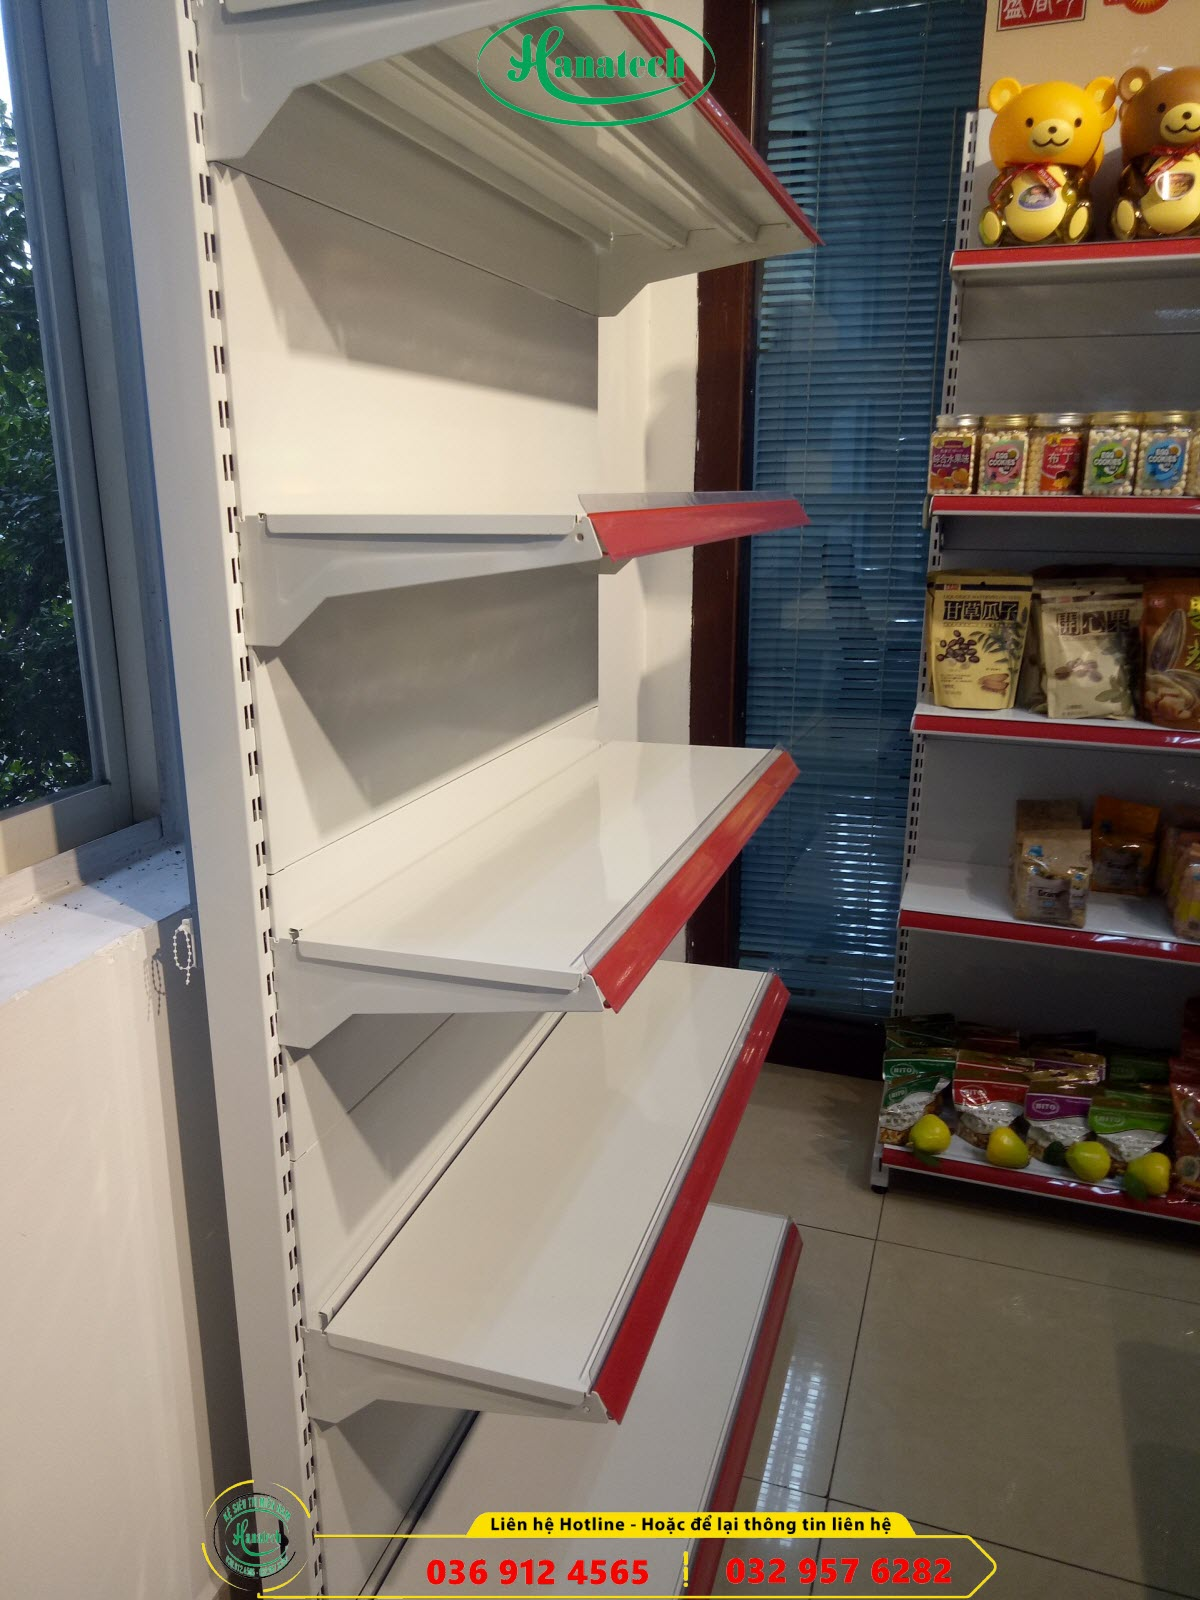 Giá kệ siêu thị đơn tôn liền áp tường